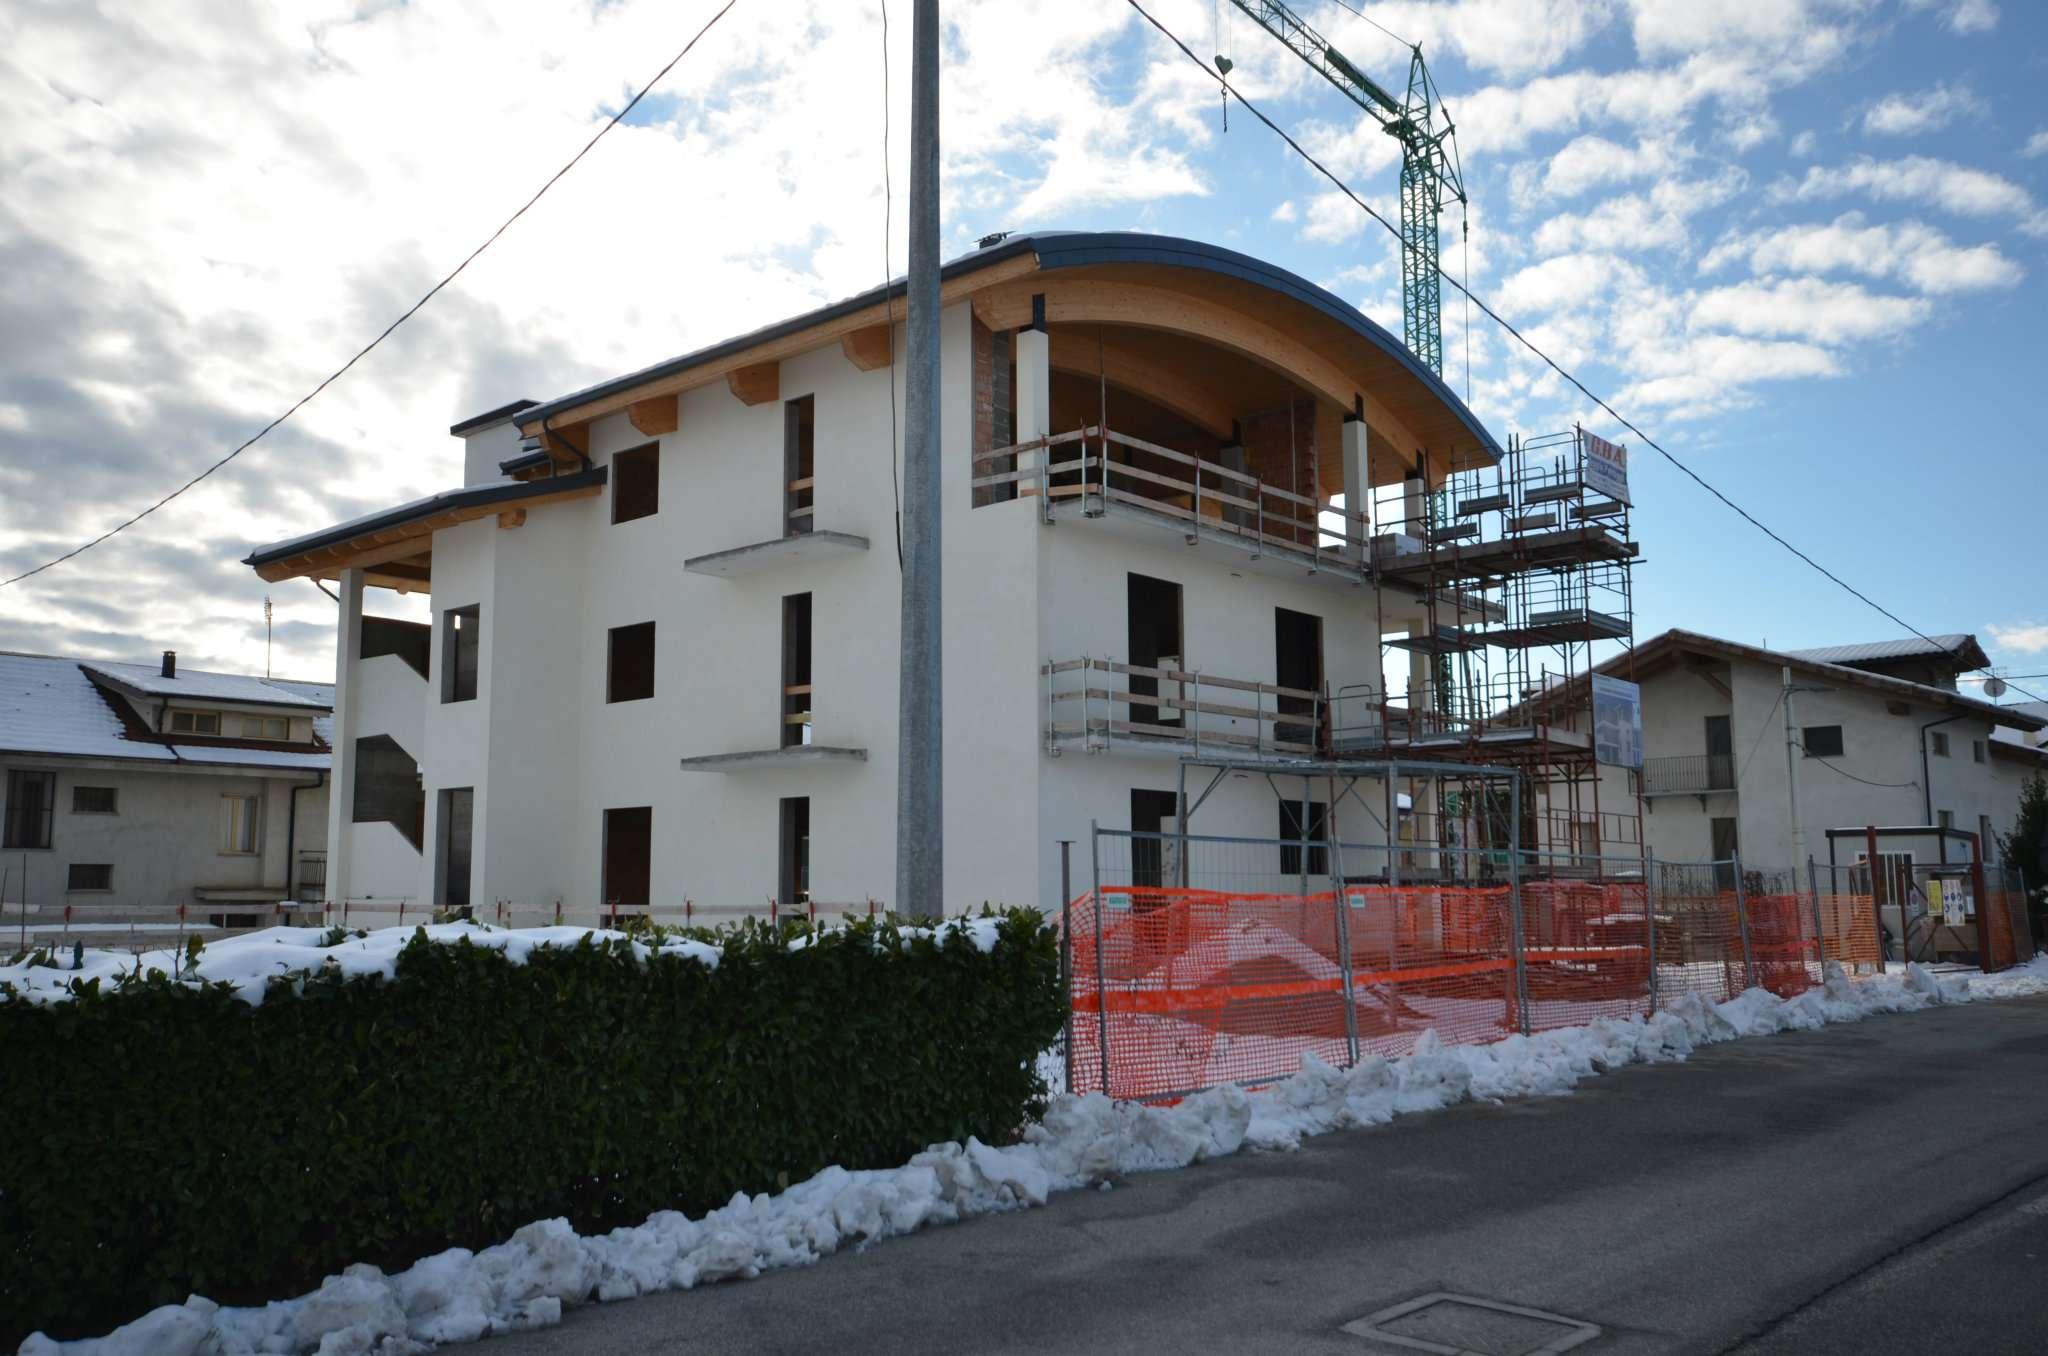 Appartamento in vendita a Borgo San Dalmazzo, 5 locali, prezzo € 239.000 | CambioCasa.it